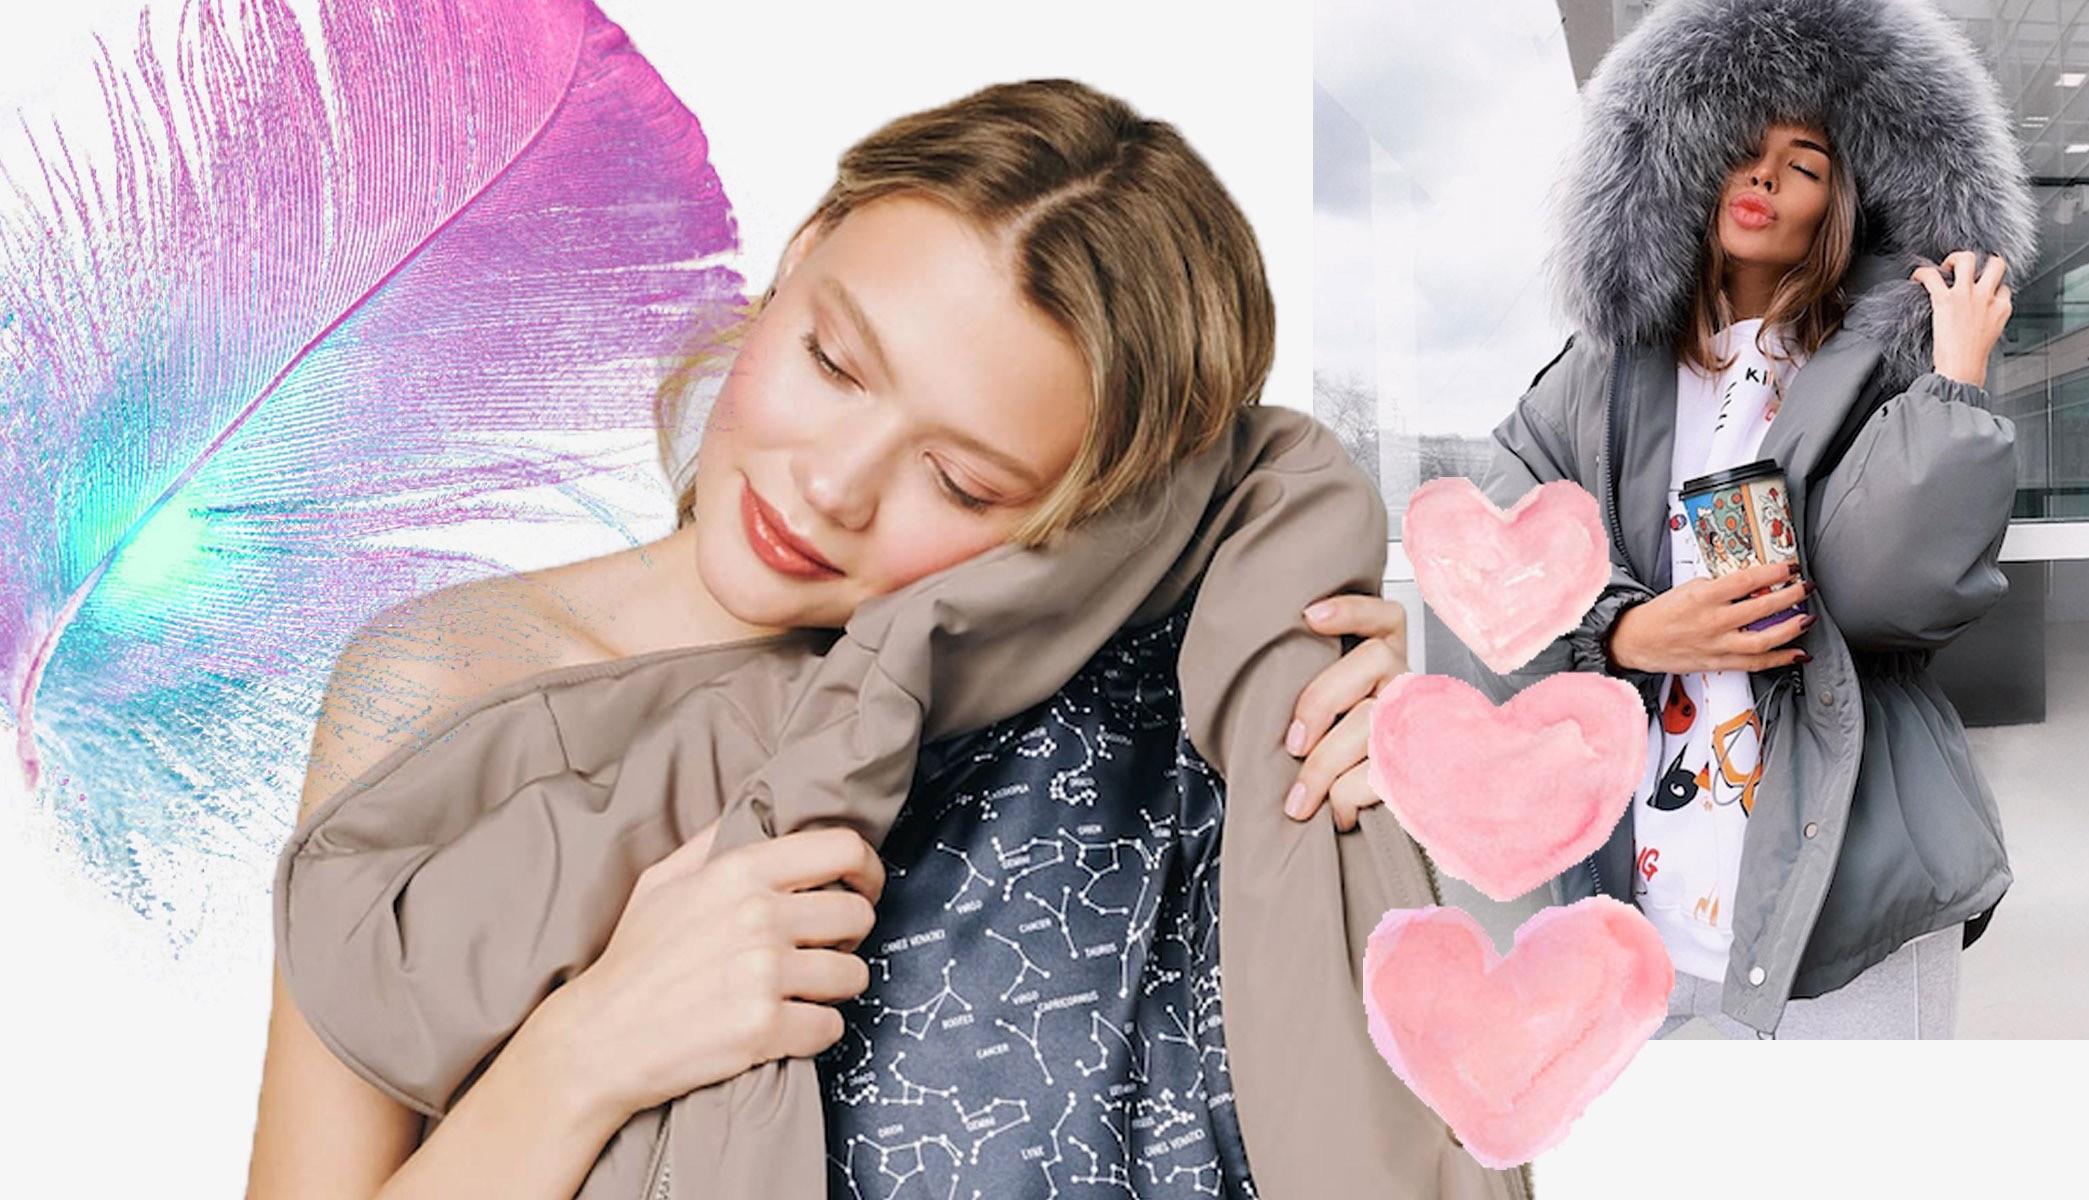 Мода на экологичность: пуховик с каким наполнителем лучше выбрать, чтобы было тепло?